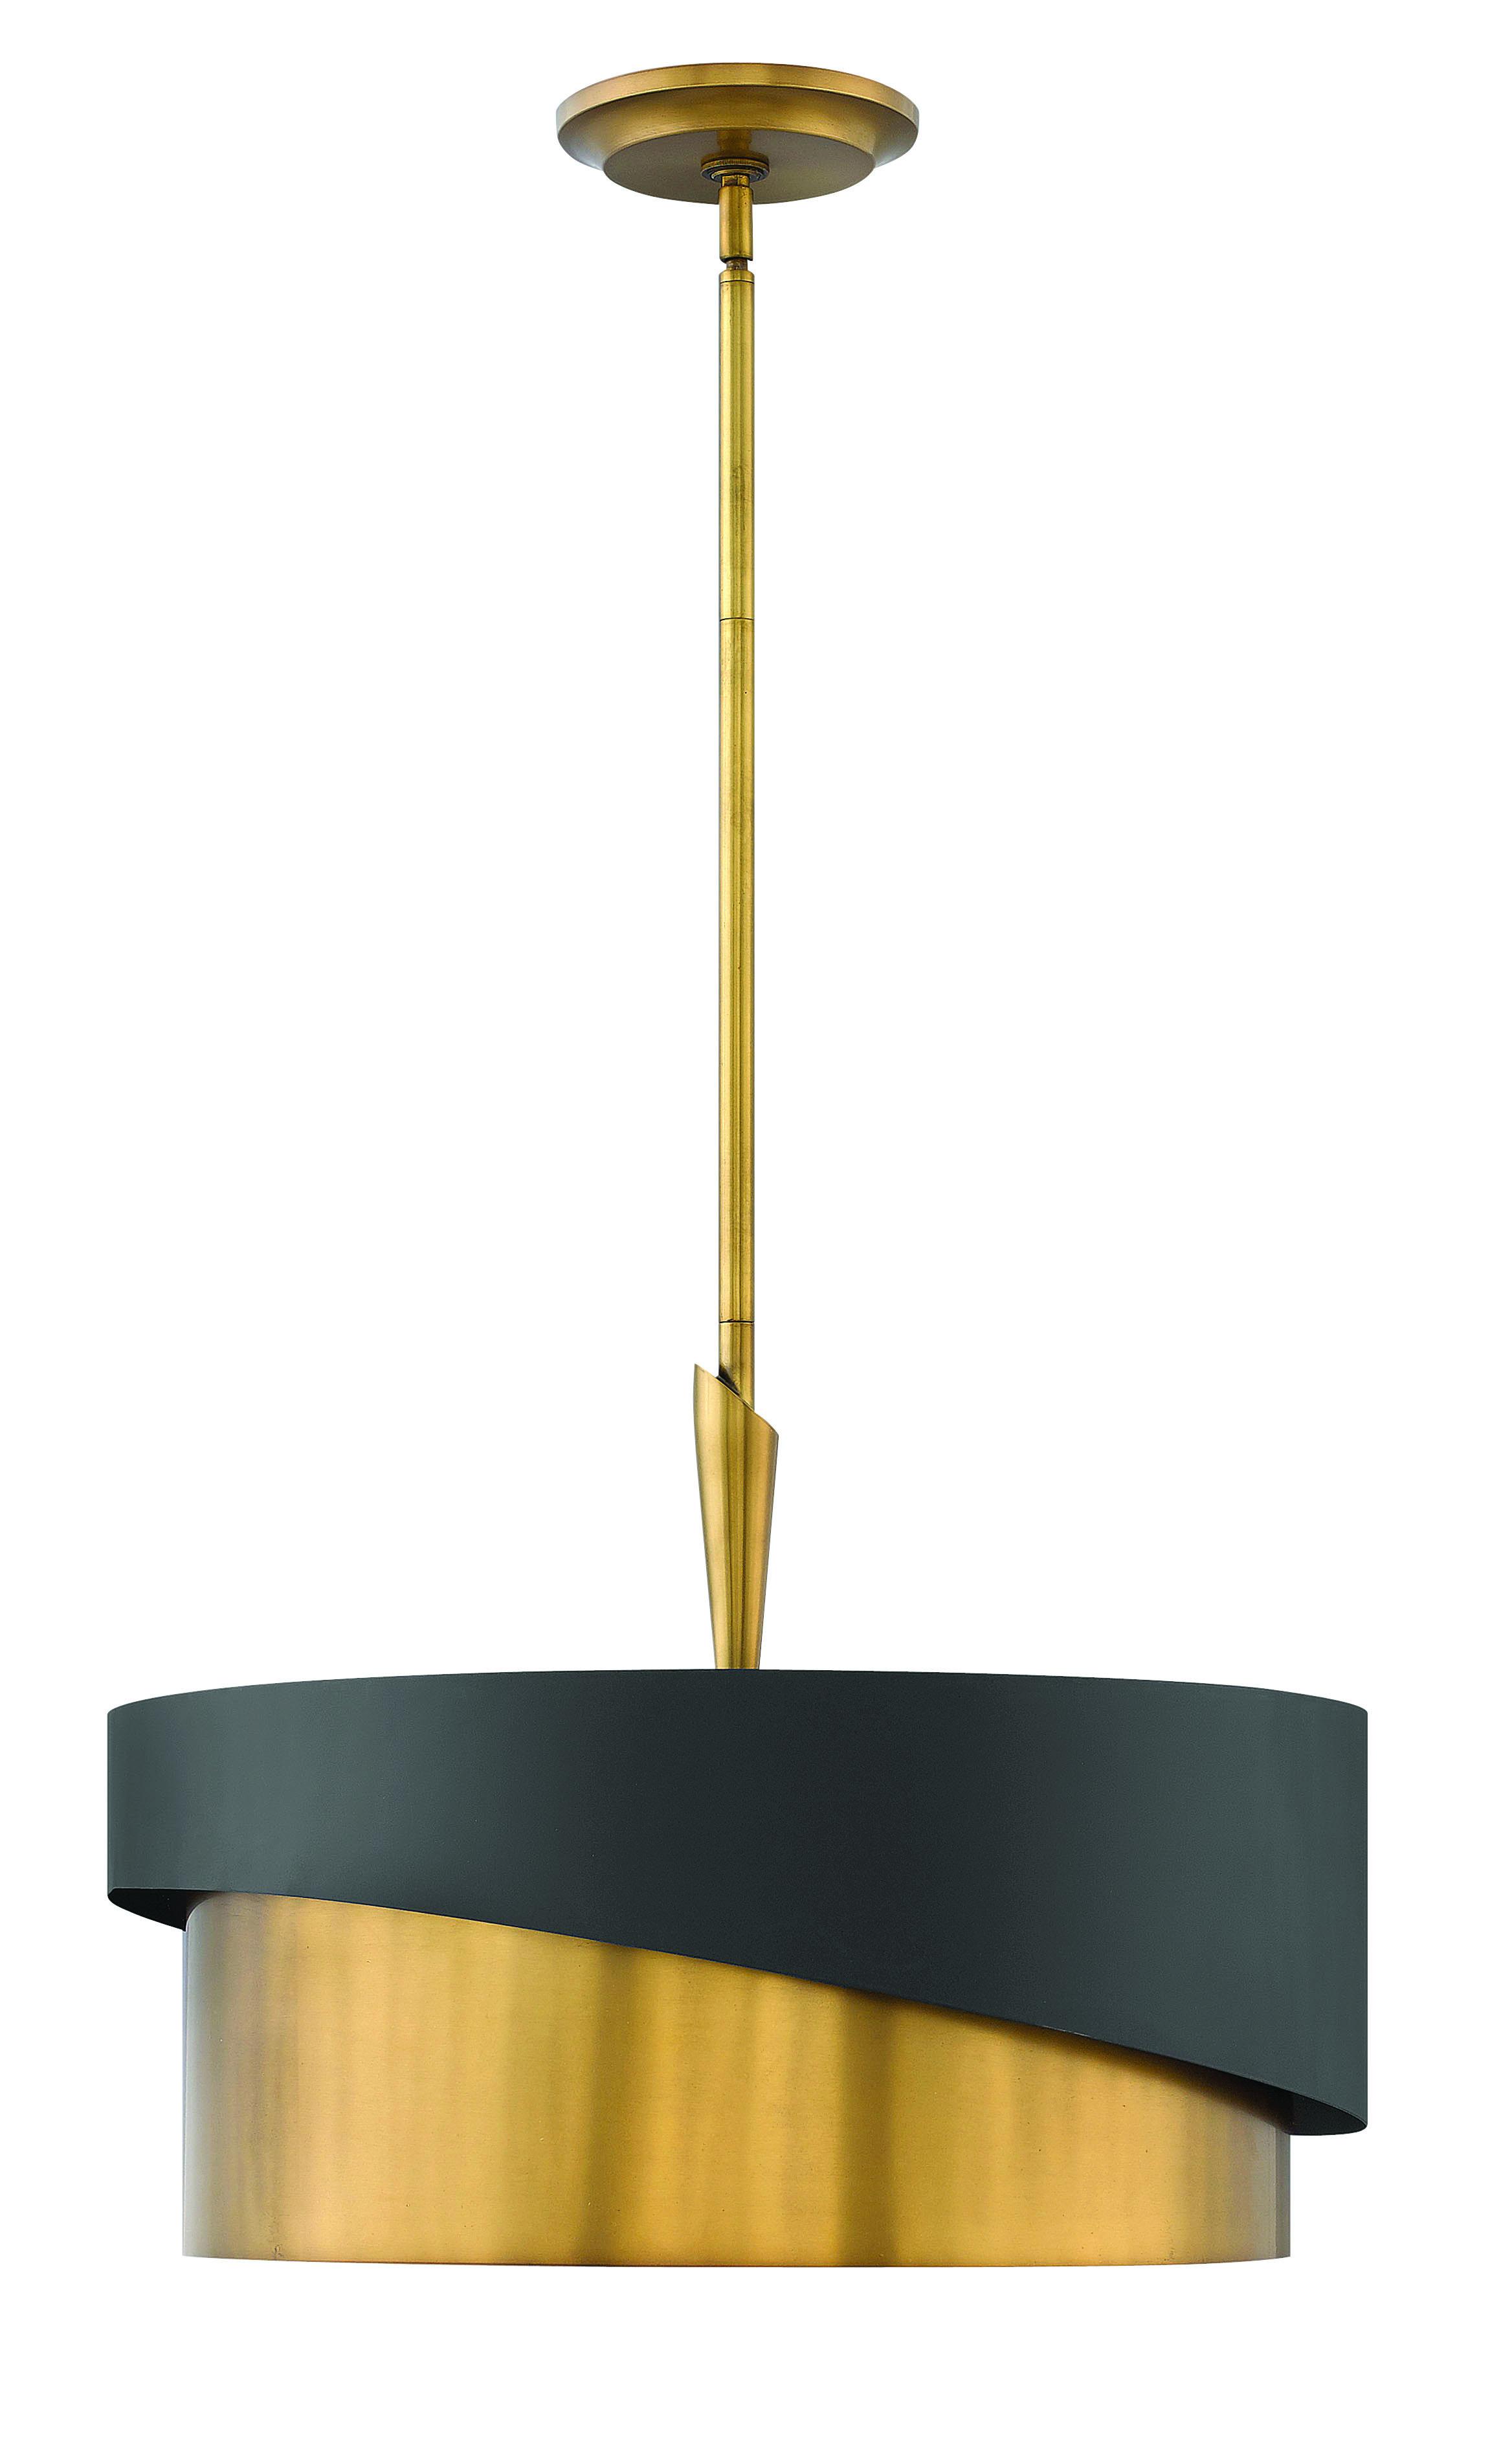 brass lighting fixture